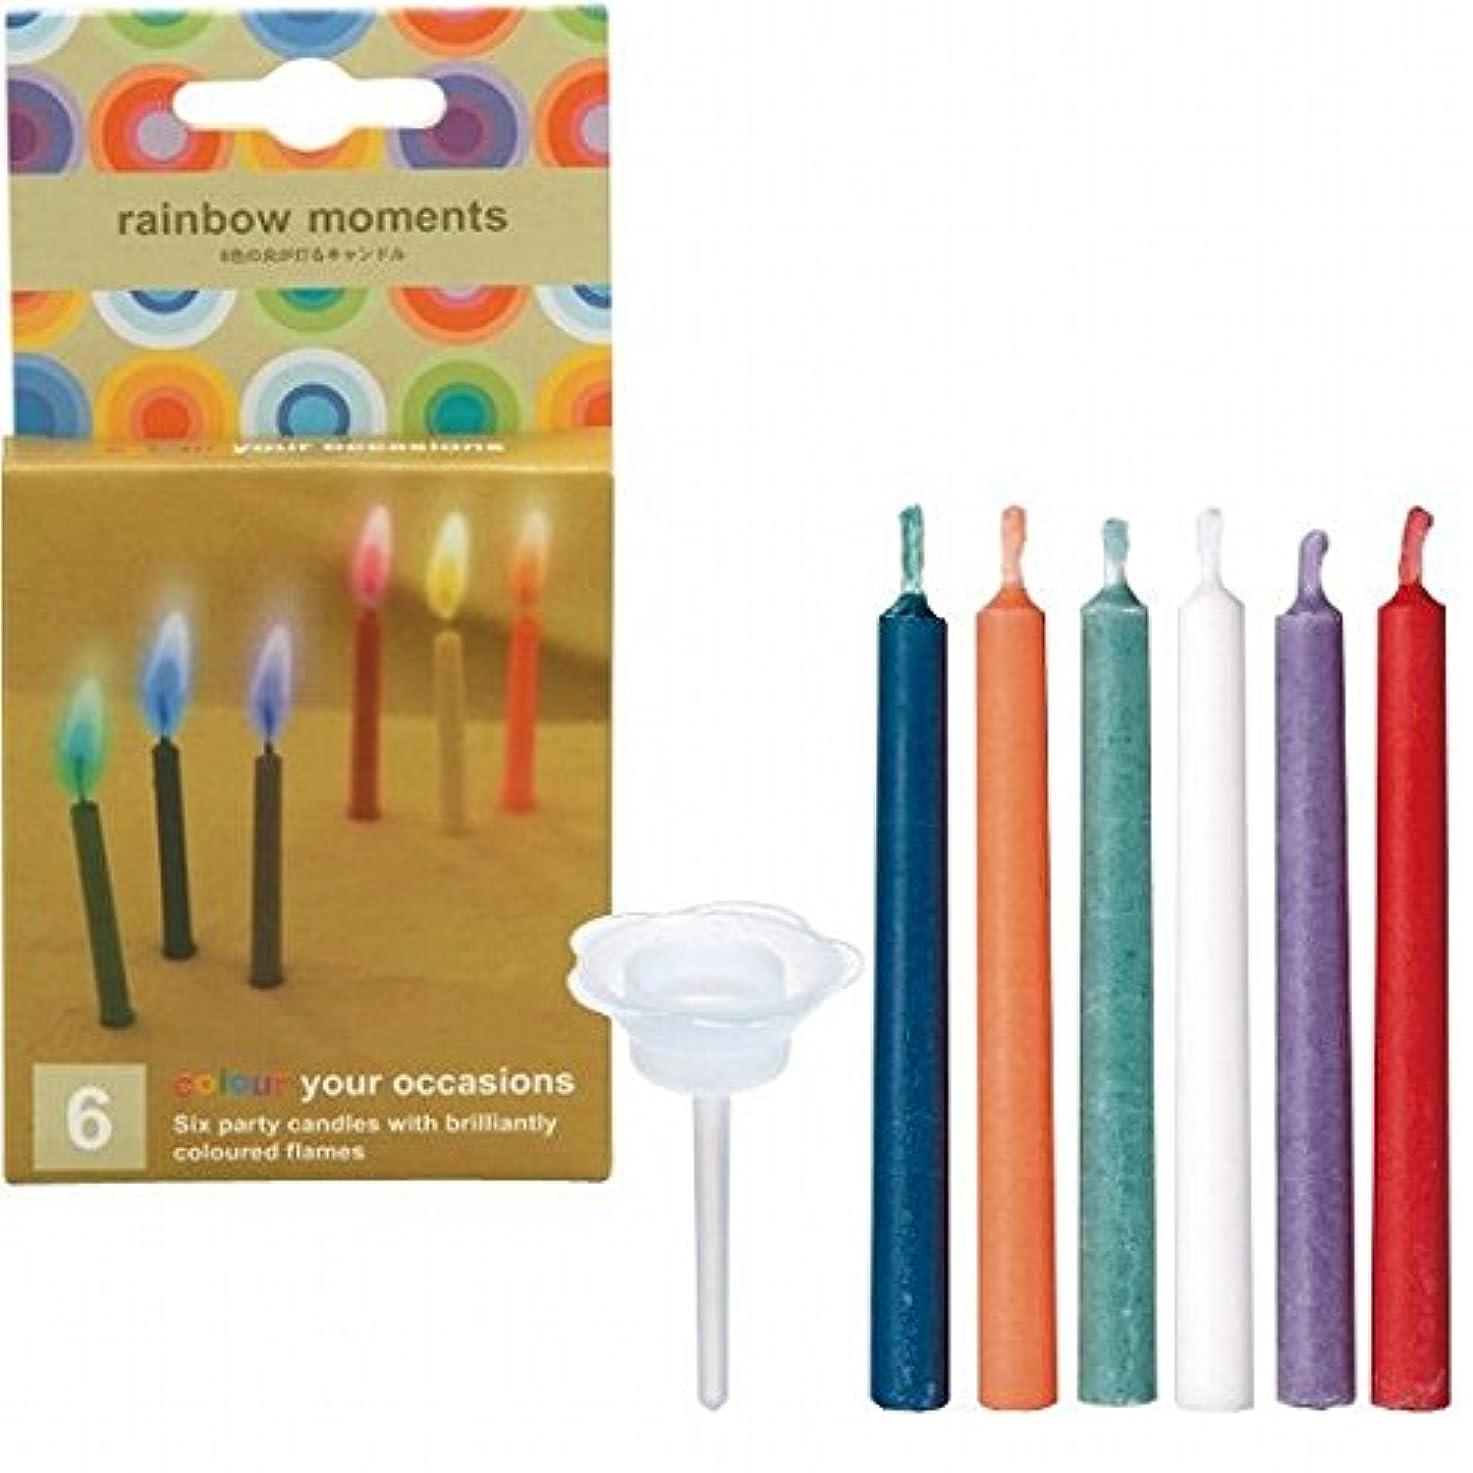 改善するのヒープパッドカメヤマキャンドル( kameyama candle ) rainbowmoments(レインボーモーメント)6色6本入り 「 6本入り 」 キャンドル